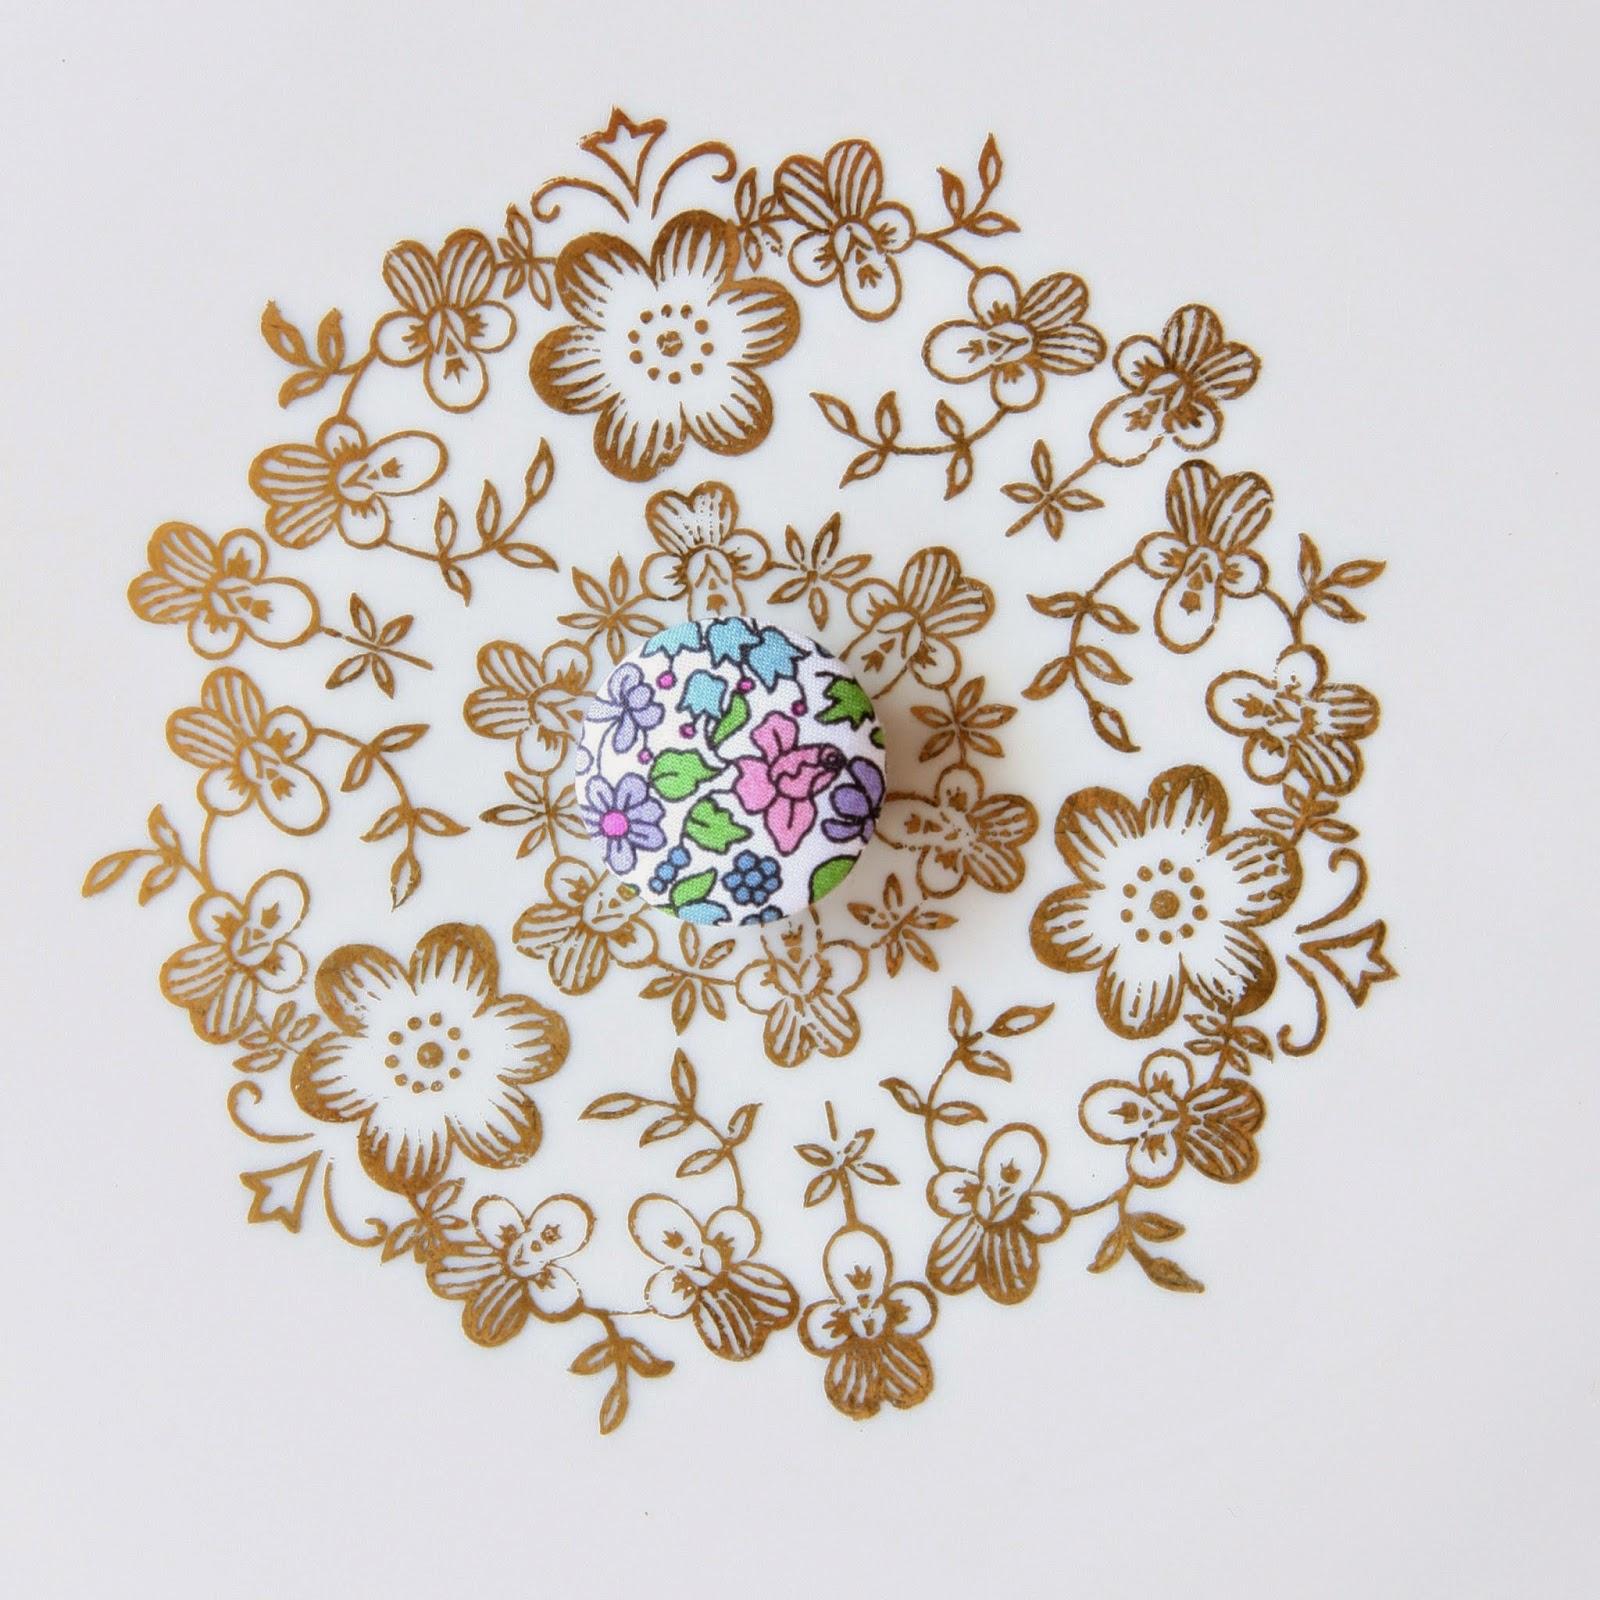 Liberty astor stofknapper - Emilias Flowers - 20mm - Fine pastelfarver